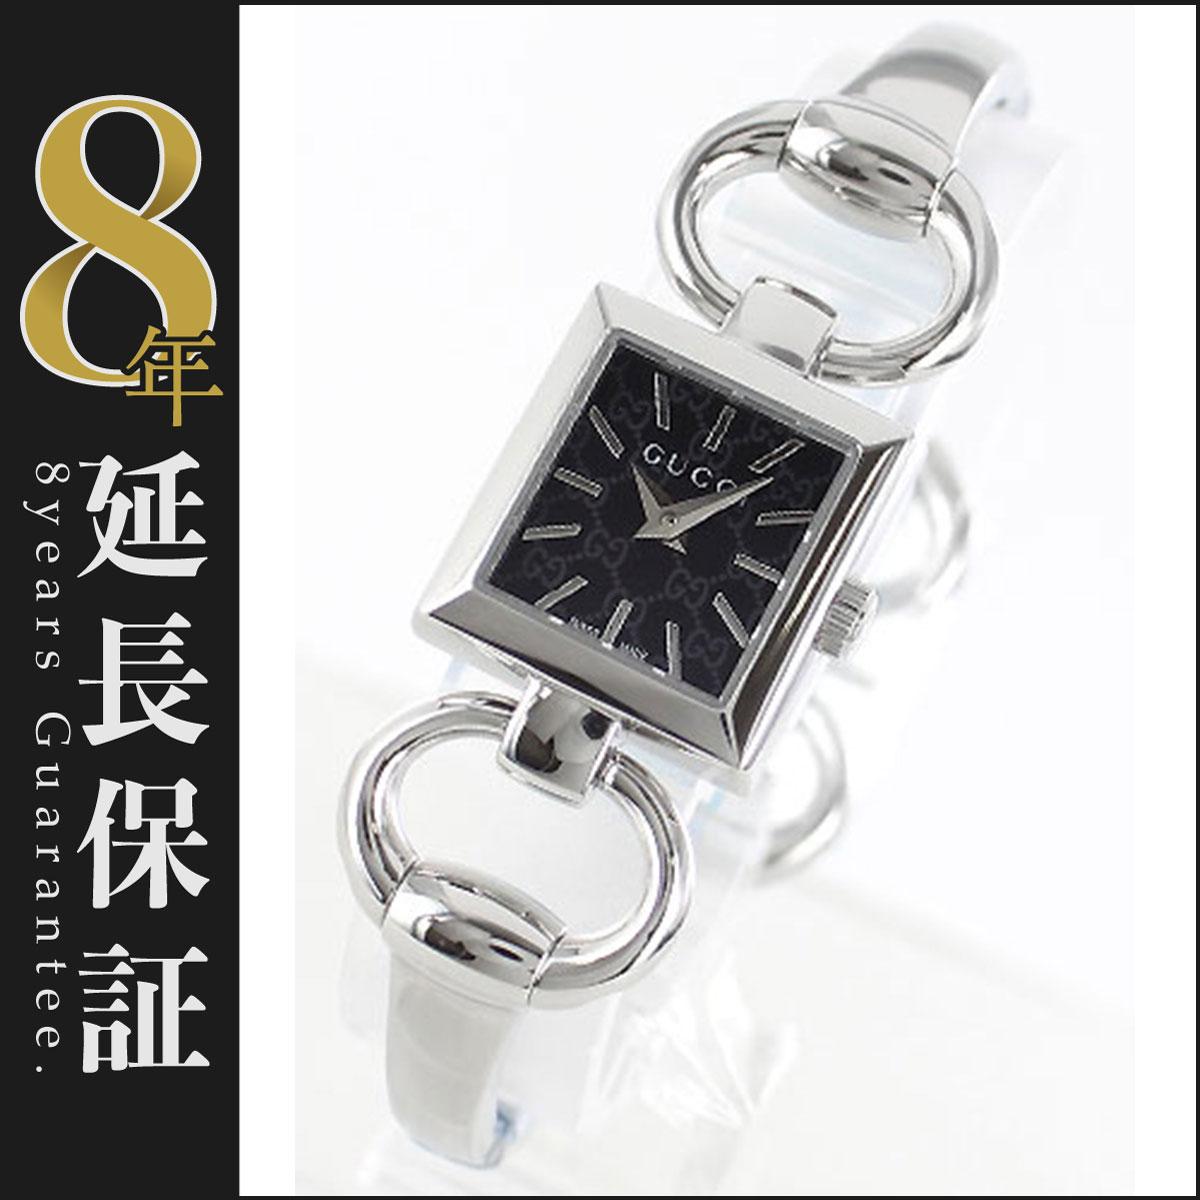 【エントリーでポイント3倍】グッチ GUCCI 腕時計 トルナヴォーニ レディース YA120513_8